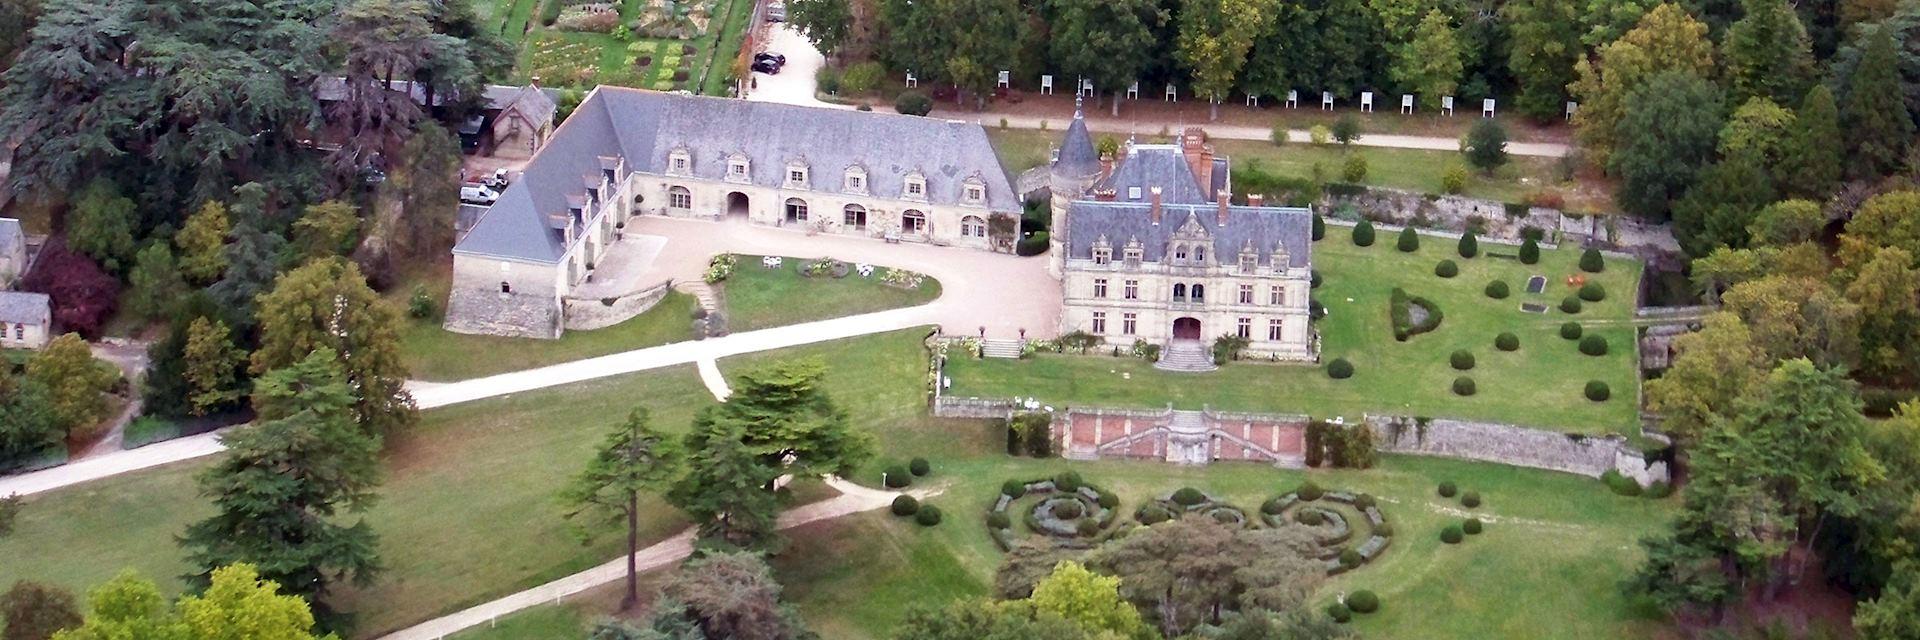 Château de la Bourdaisière, France